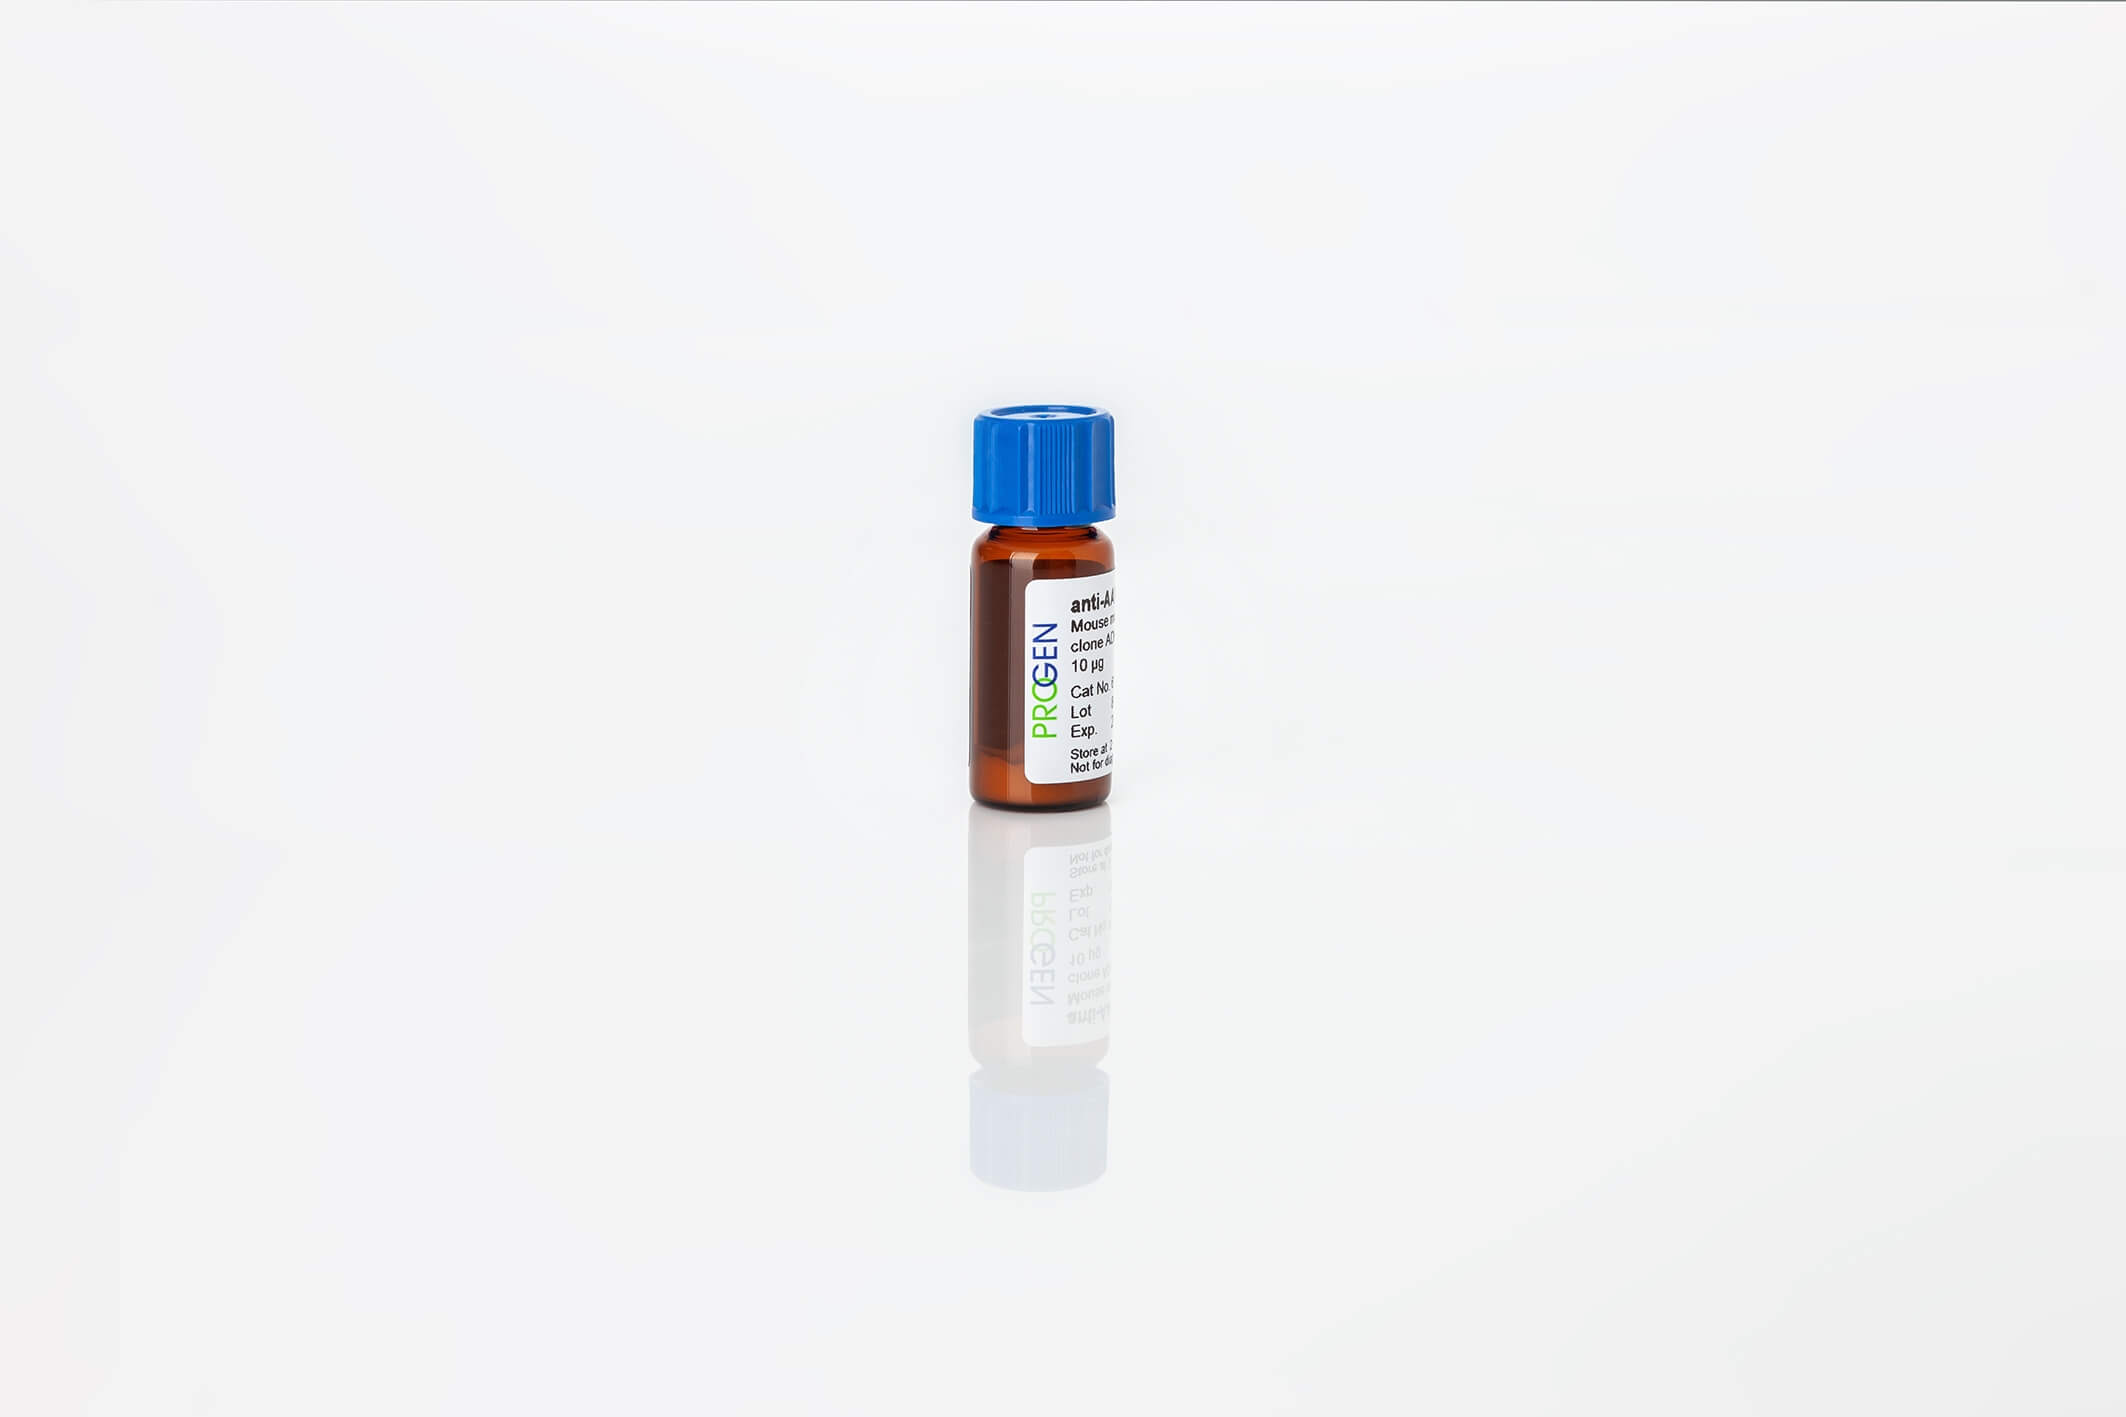 anti-Vimentin (C-terminus) guinea pig polyclonal, serum